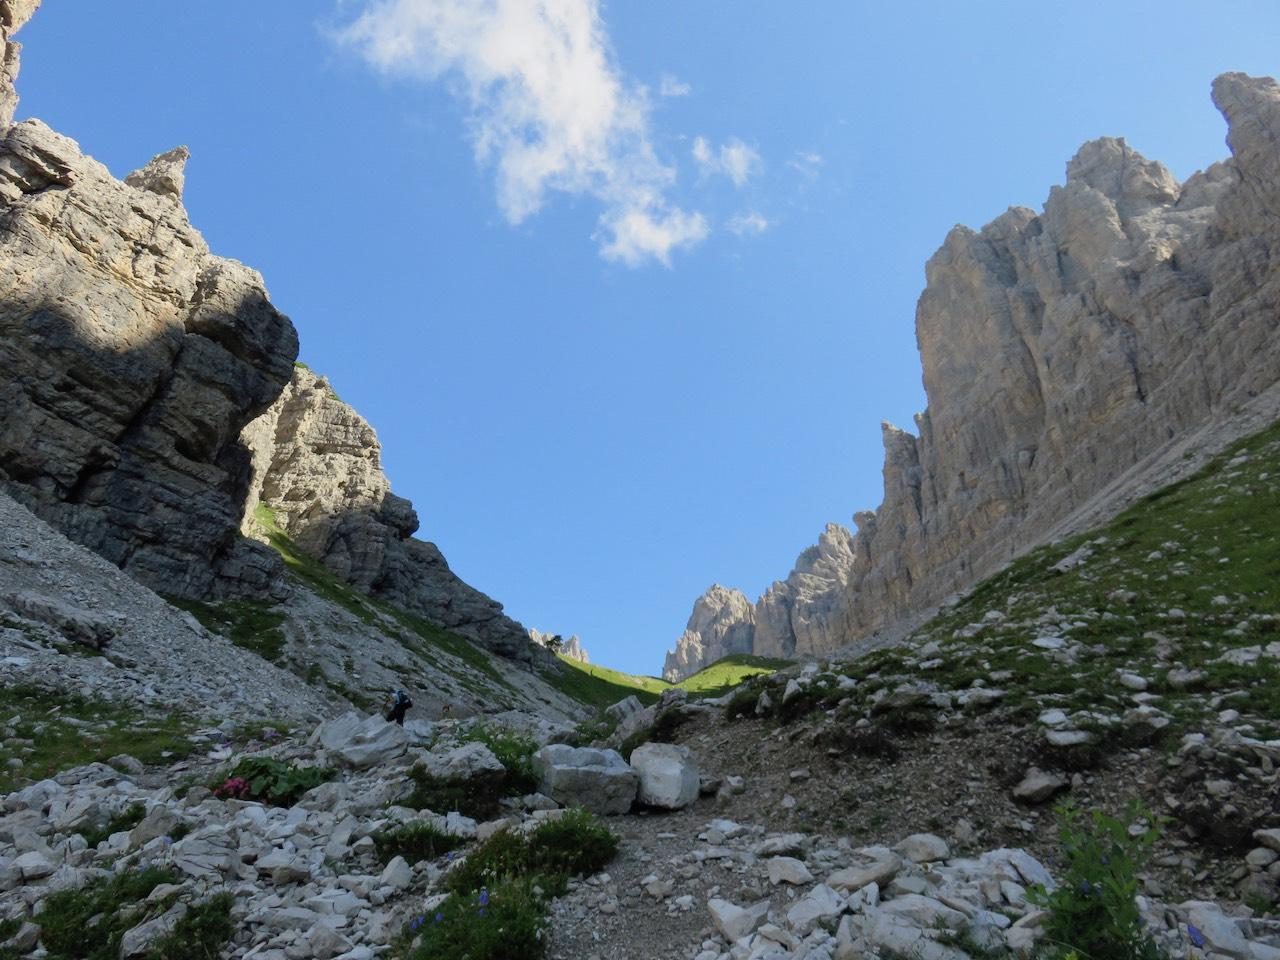 Forse non tutti sanno che in Friuli, Friuli Venezia Giulia, Cimolais, Val Cimoliana, Dolomiti, Campanile Val Montanaia, Dolomiti Friulane